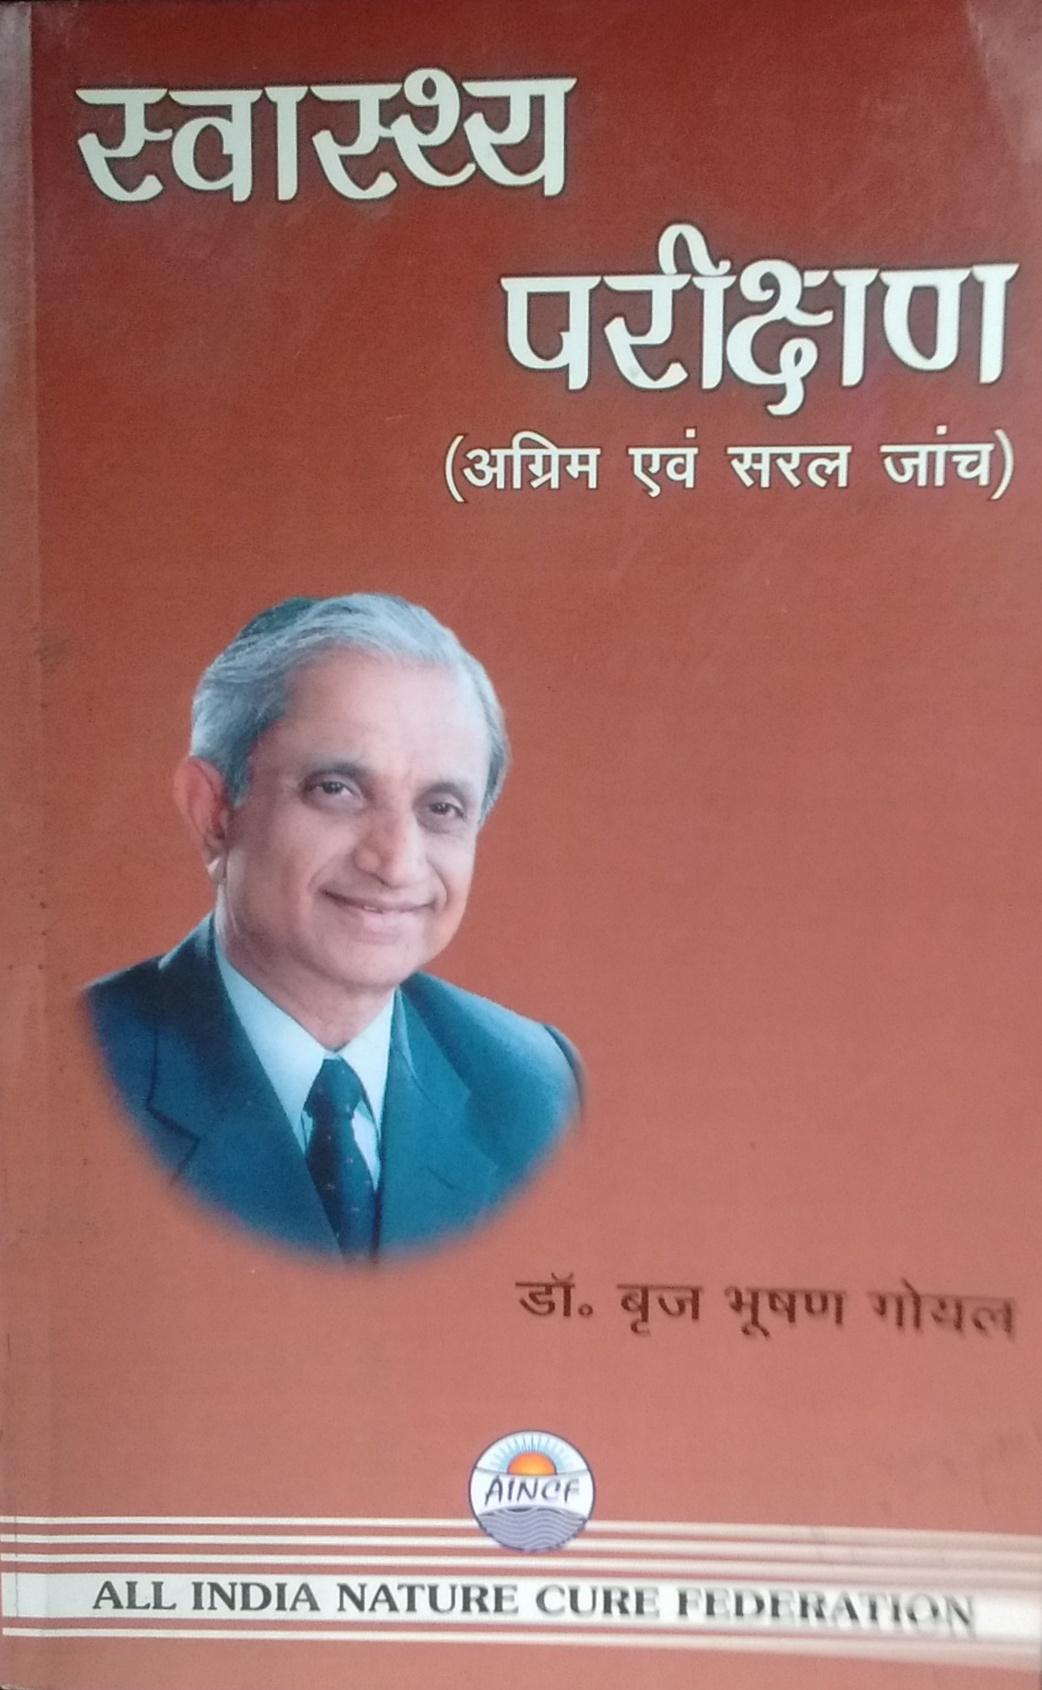 Swasthaya Parishan (Agrim evam Saral Jaach) Hindi